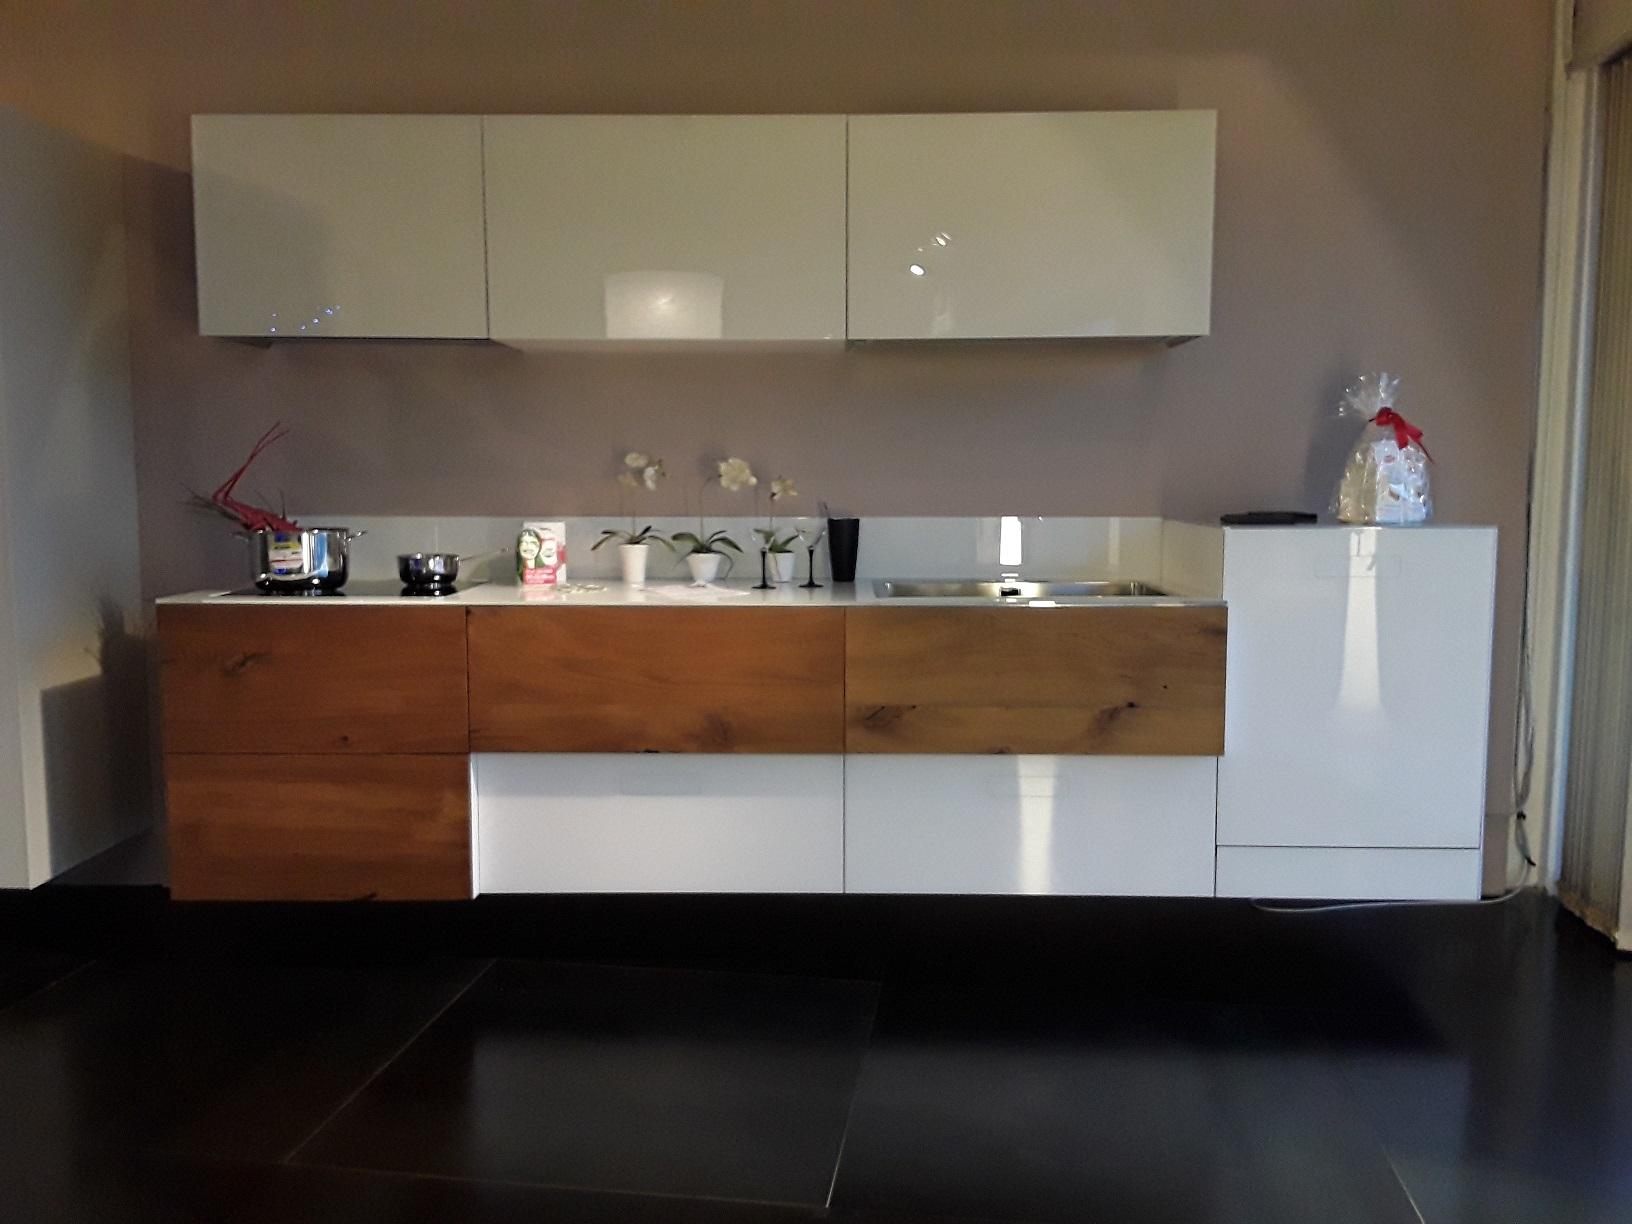 Best Cucina Lago Prezzi Images - Ideas & Design 2017 ...